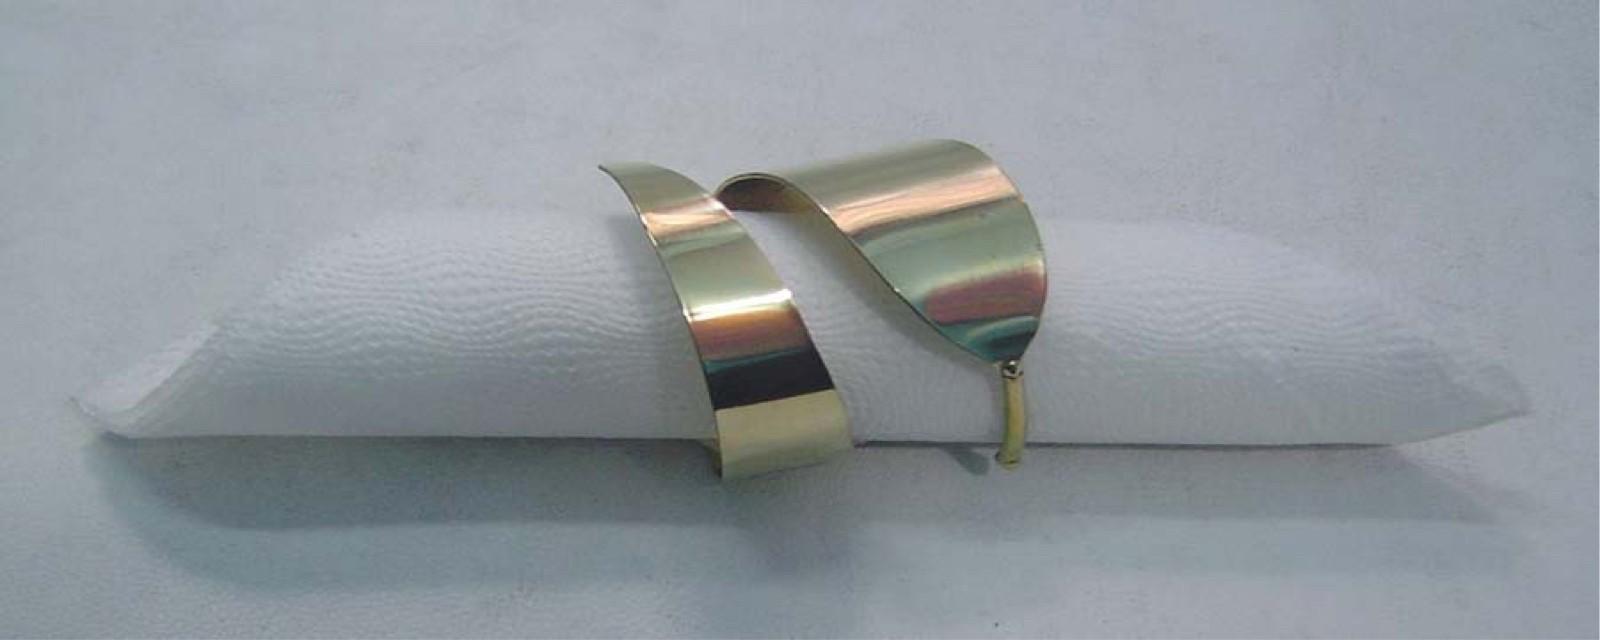 Polished Napkin Ring